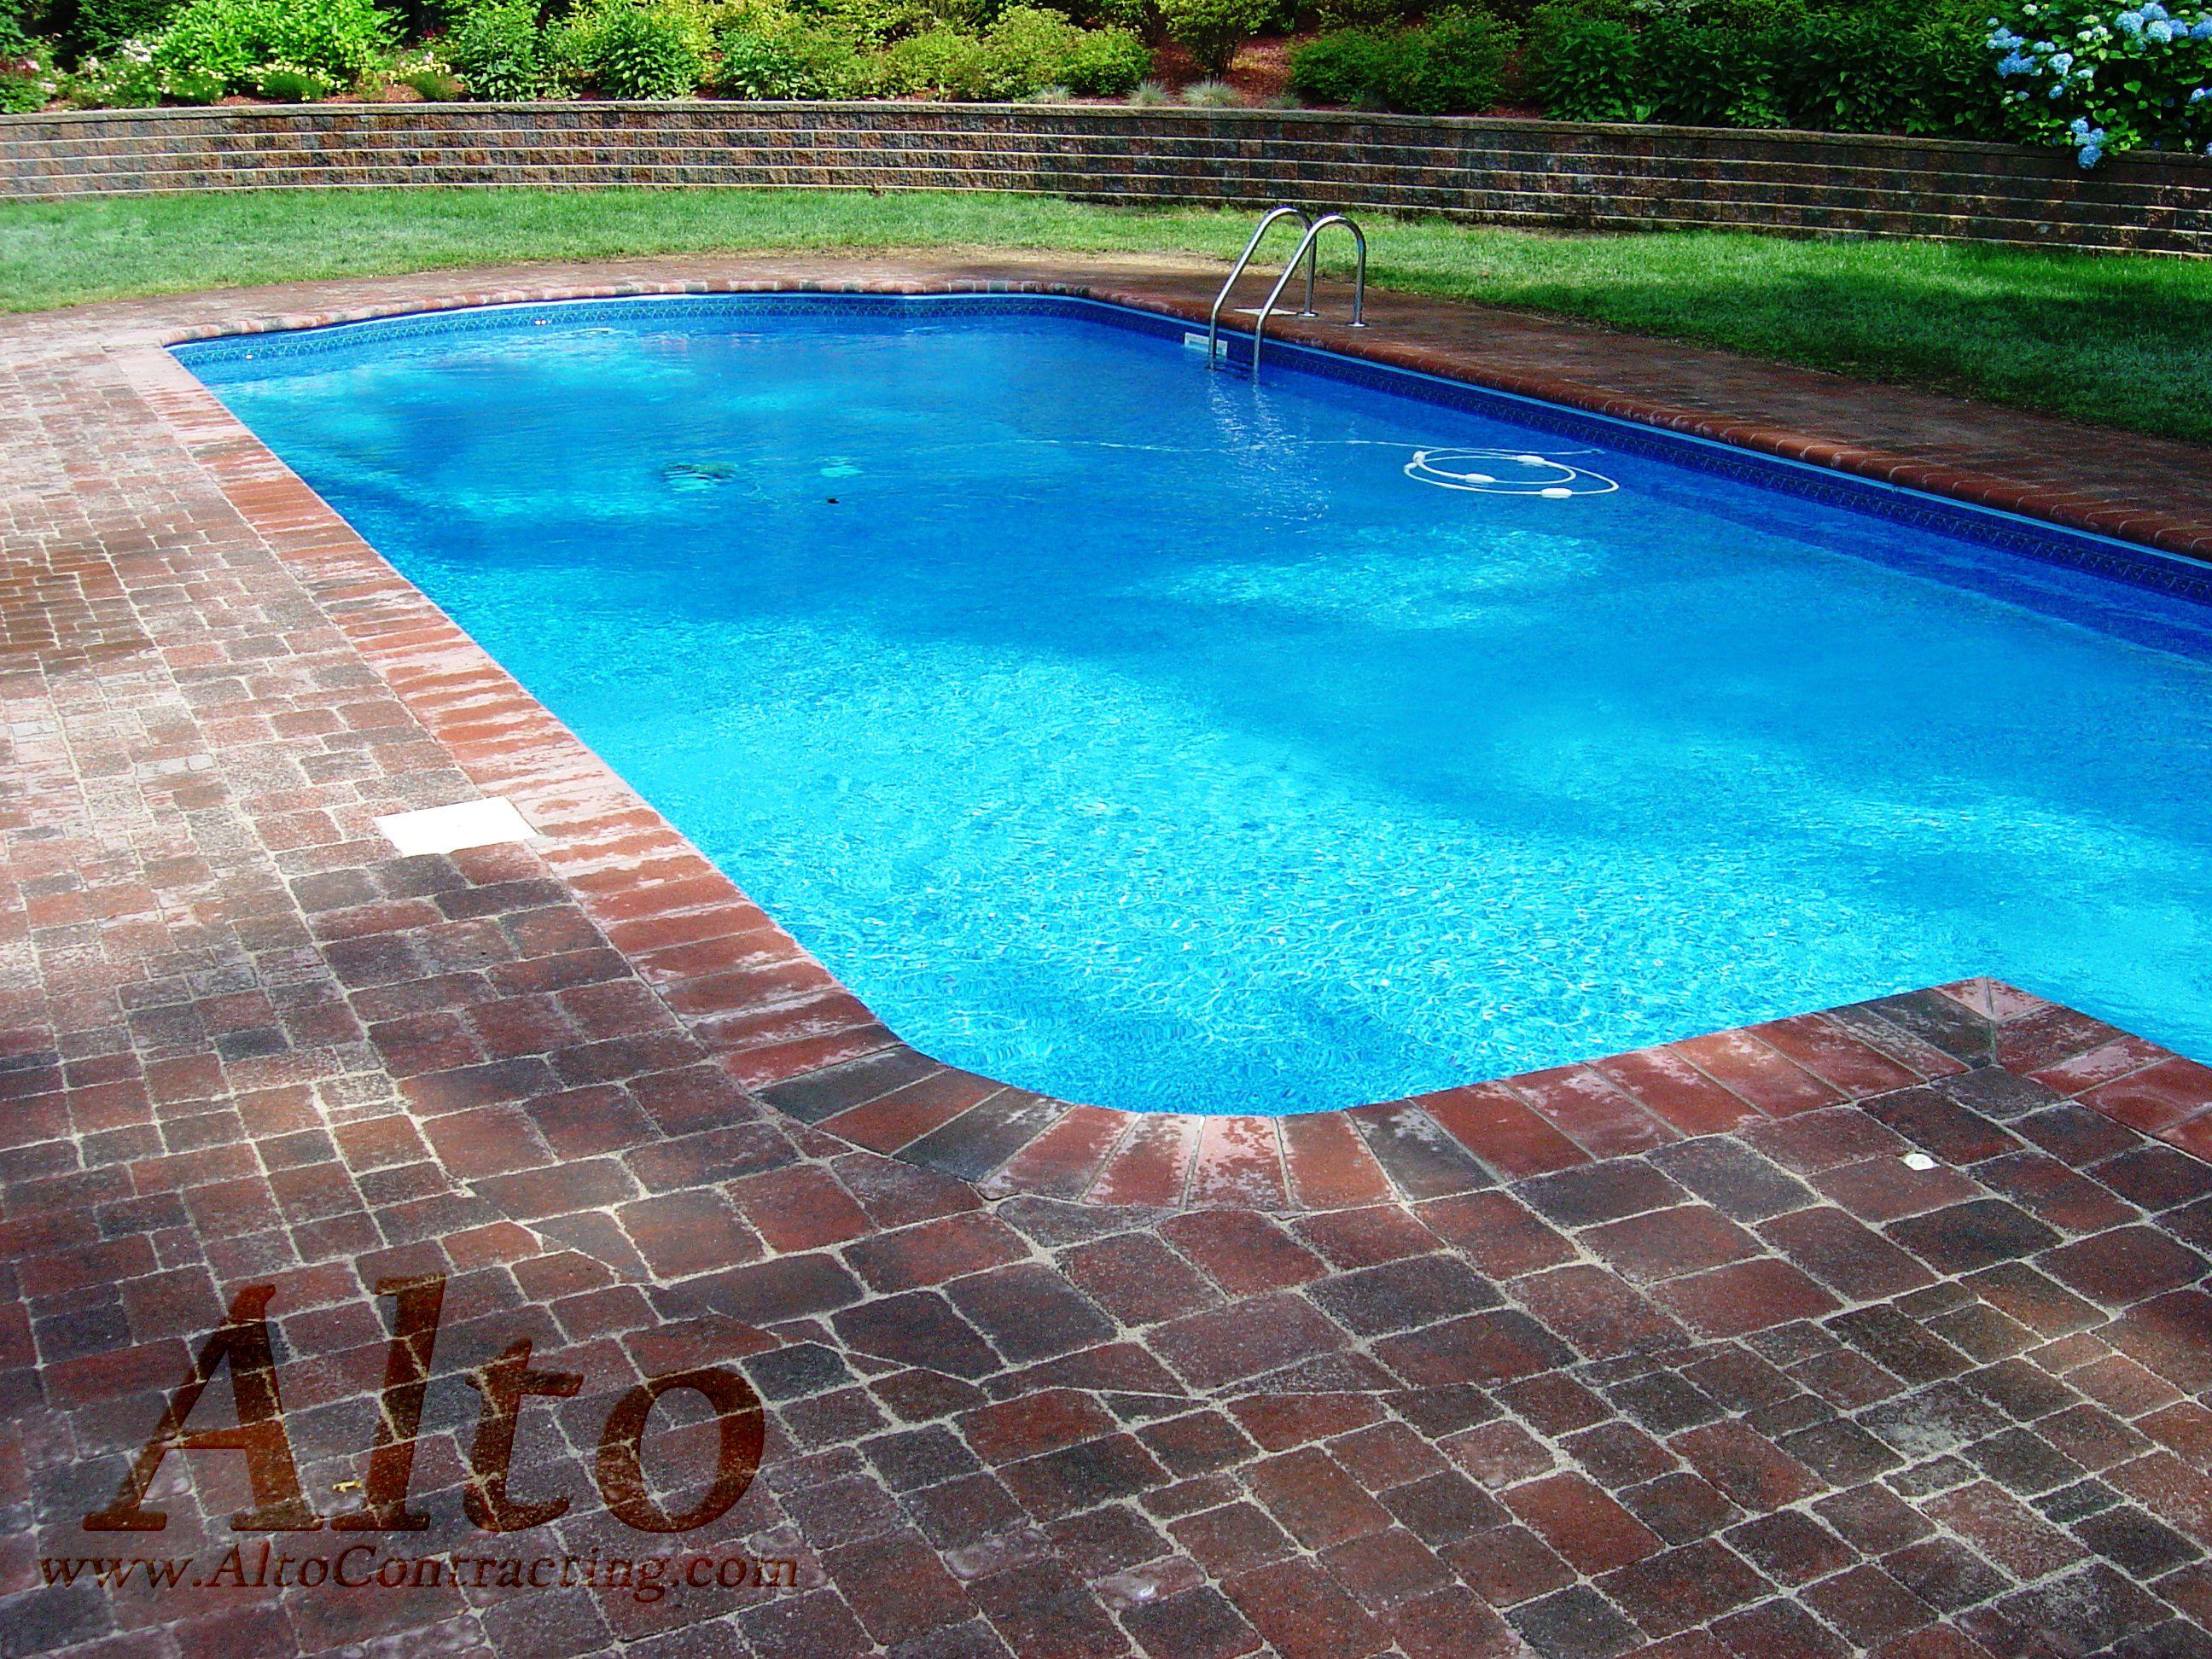 White Based Cement Cobblestone Concrete Paver Pool Deck | Pool Decks |  Pinterest | Concrete pavers, Cement and Concrete